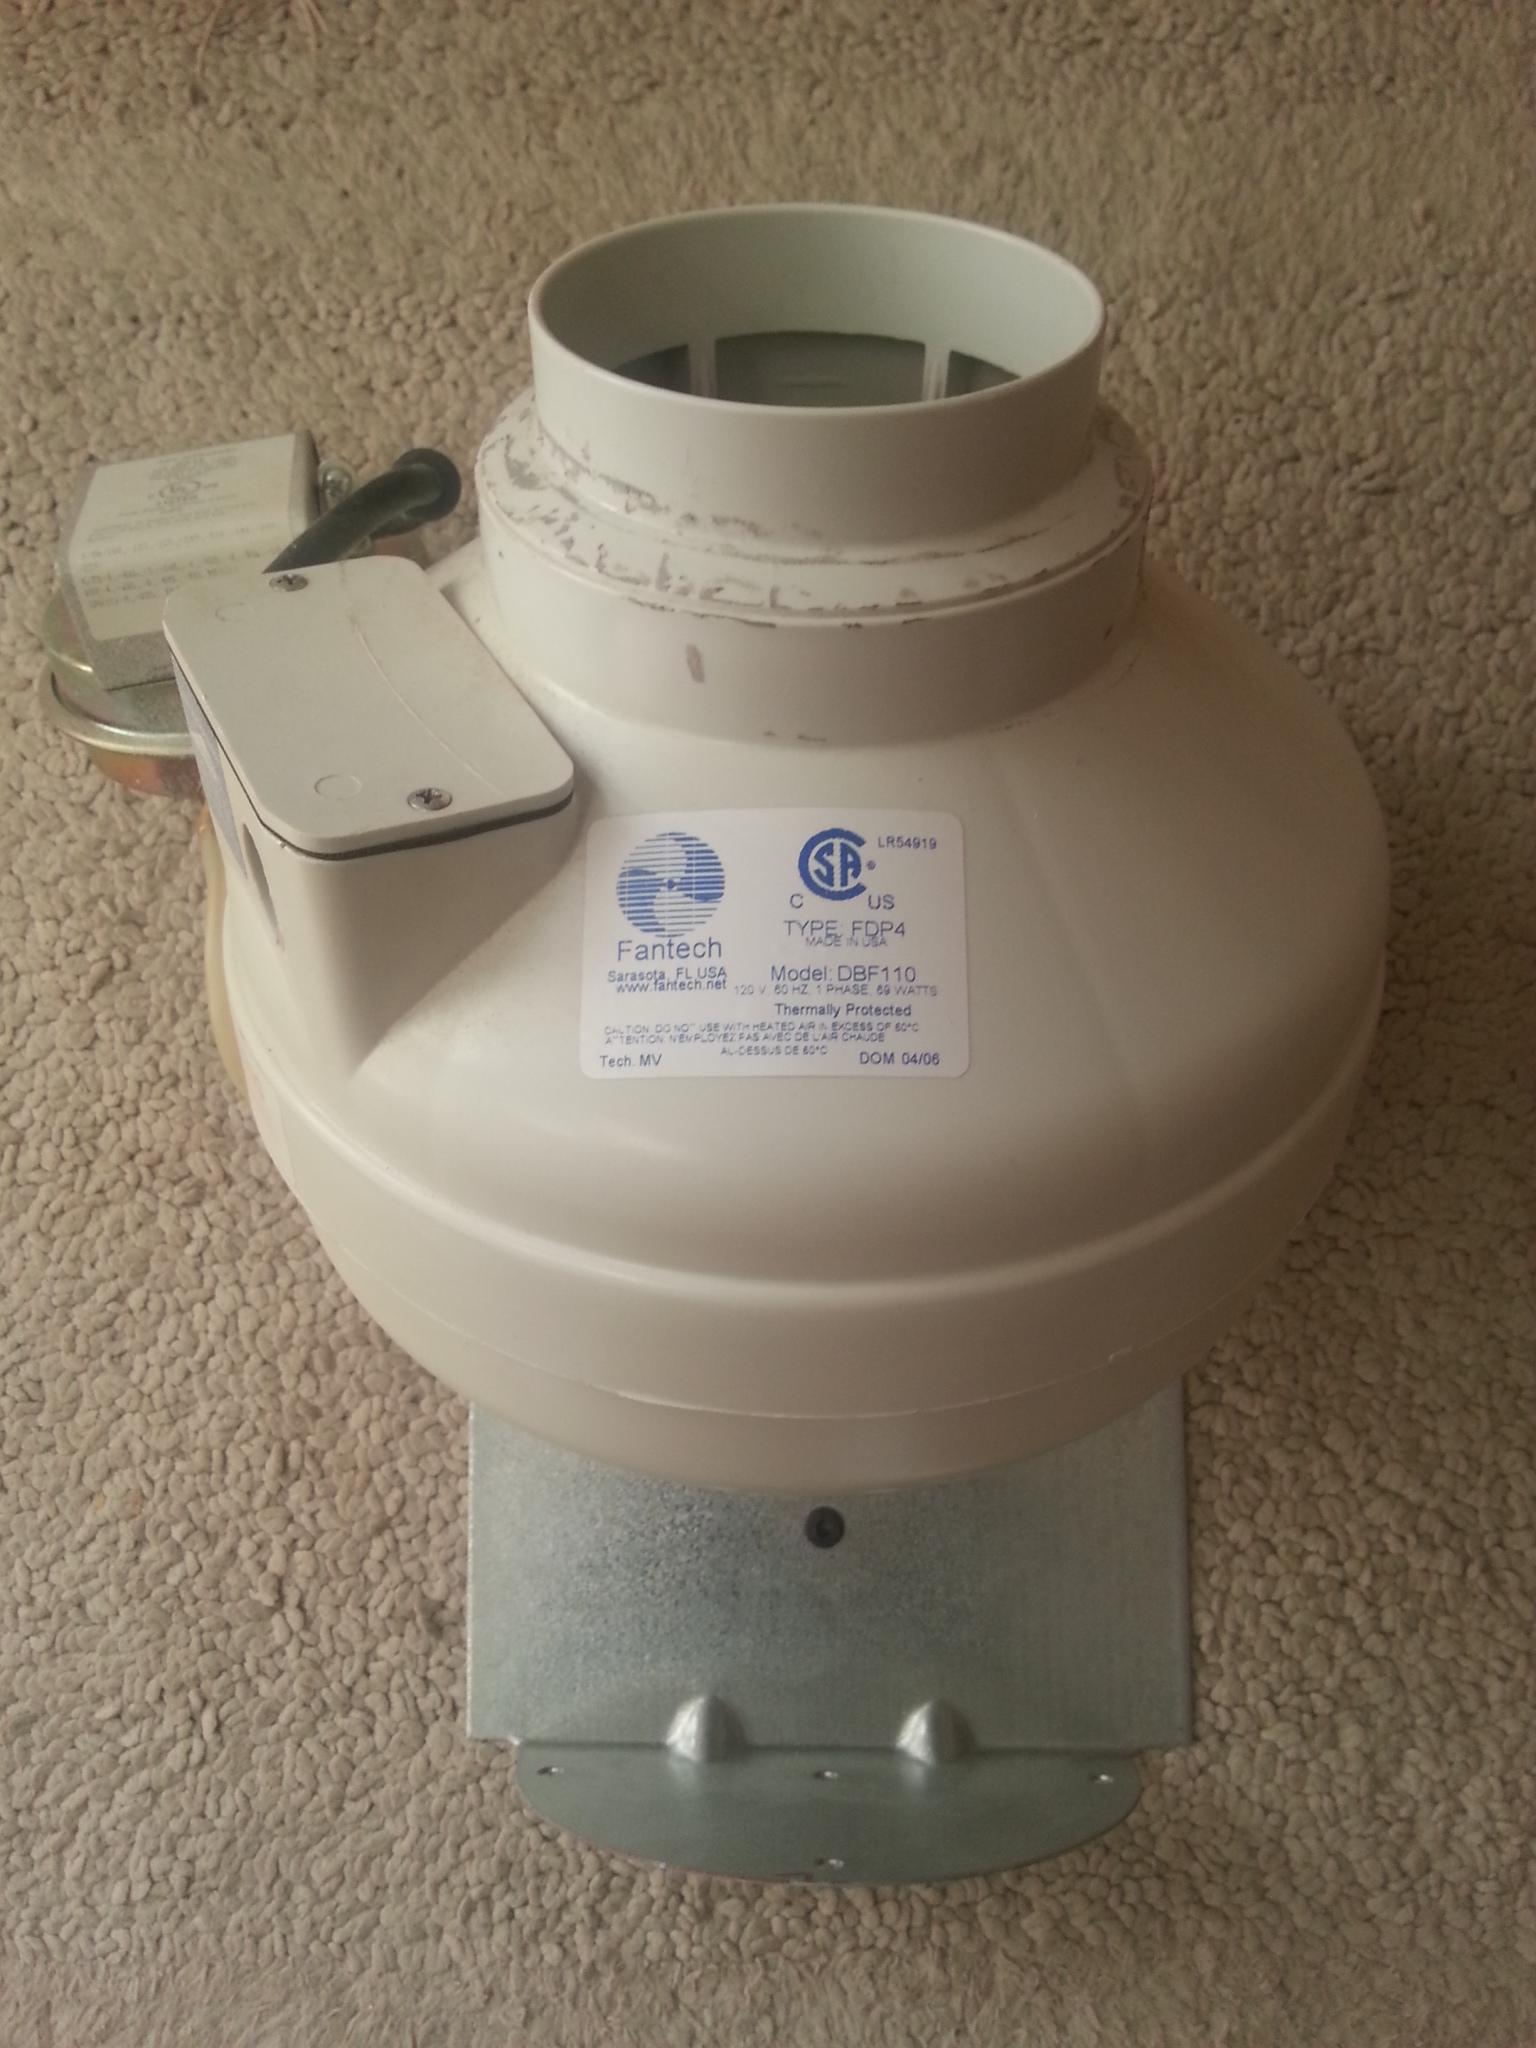 Fan-Tech 4 inch exhaust fan